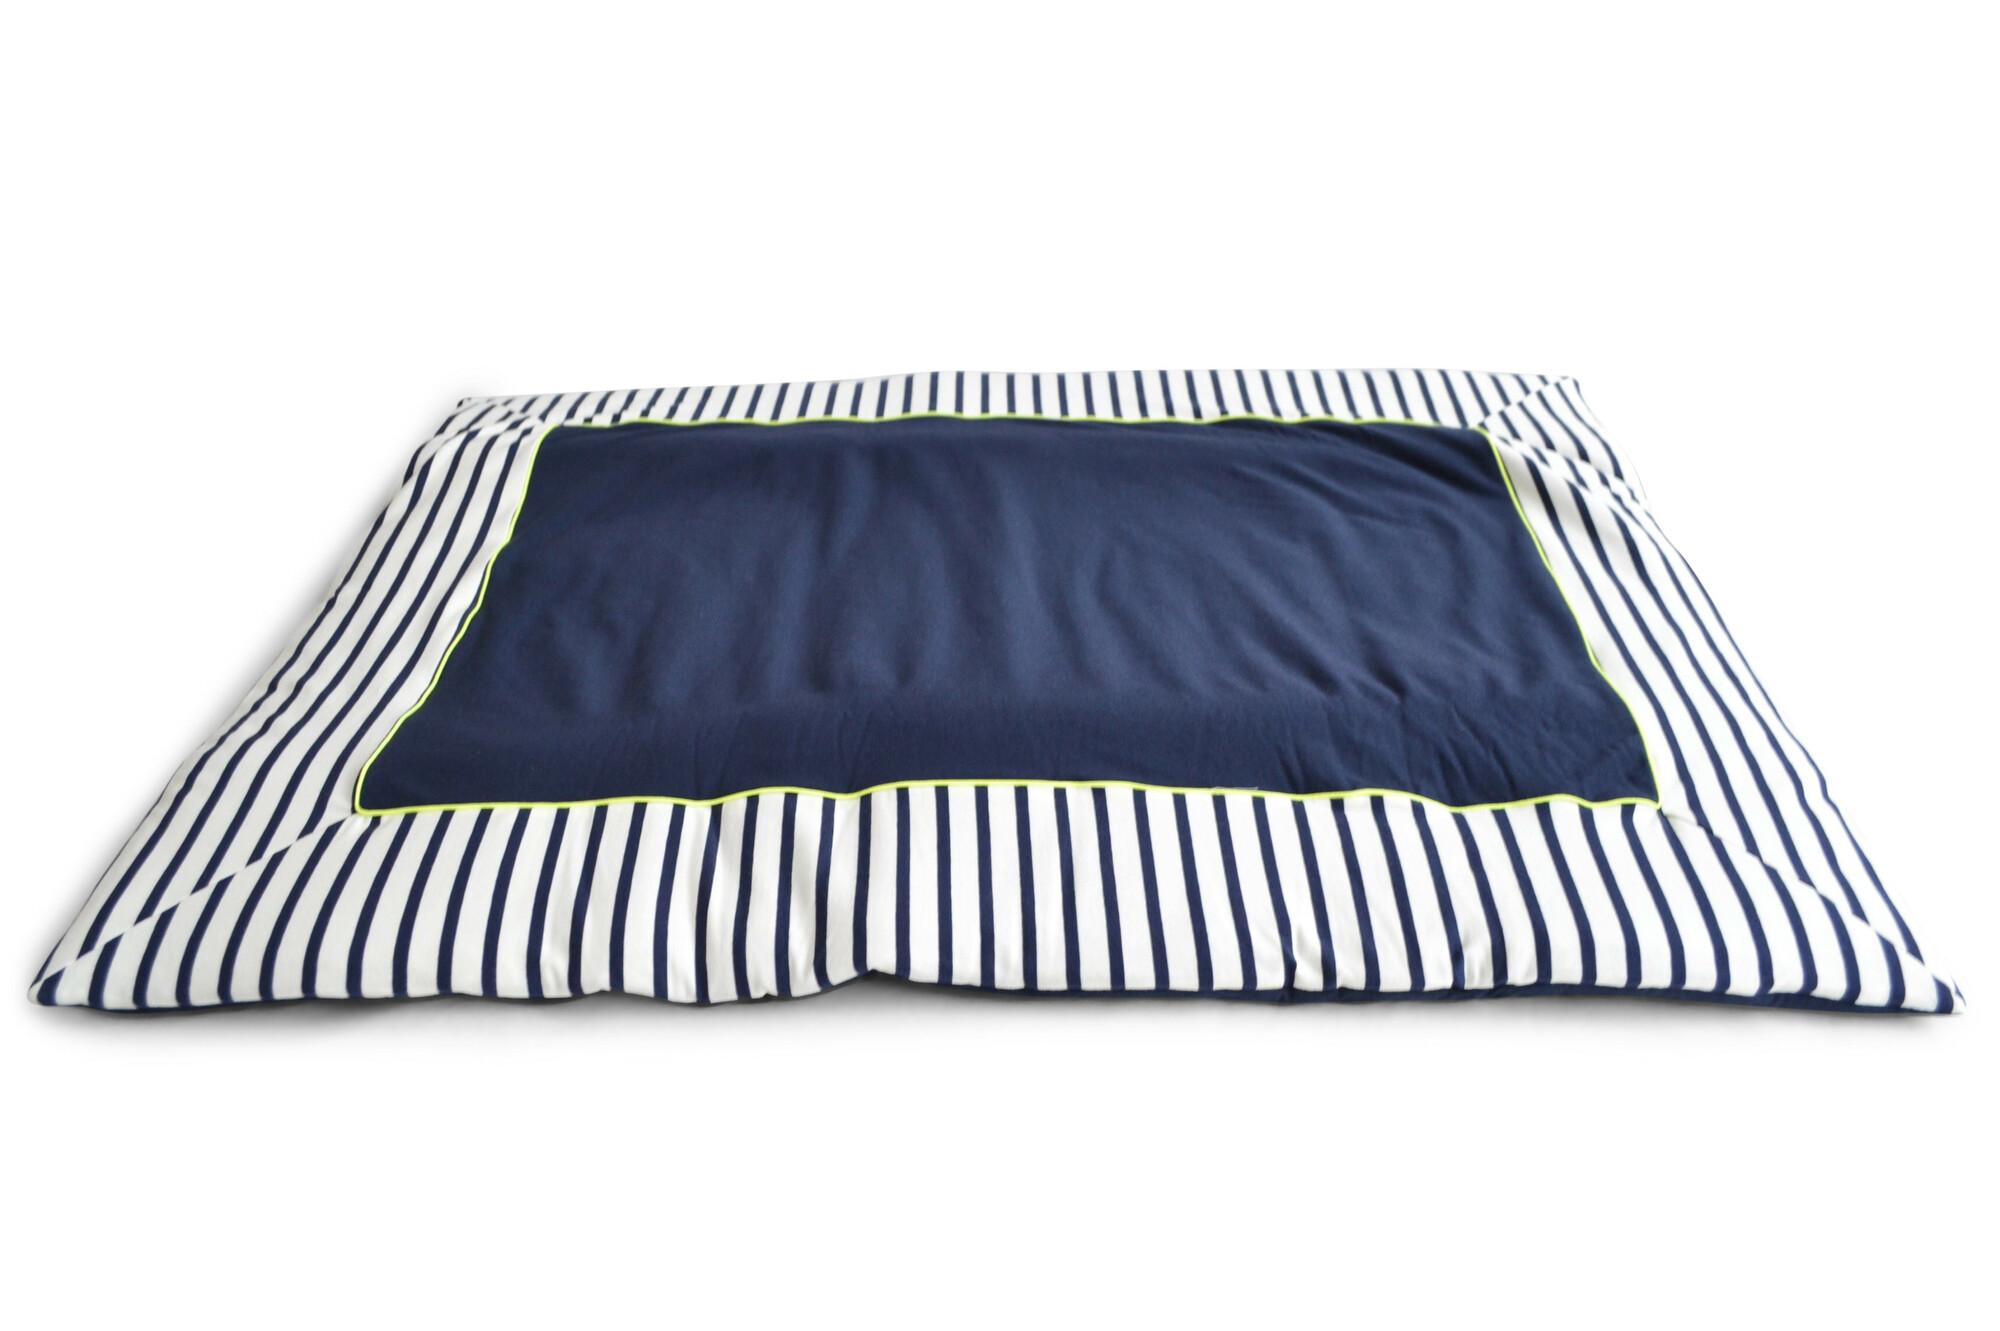 Boxkleed - Stripes navy/ye